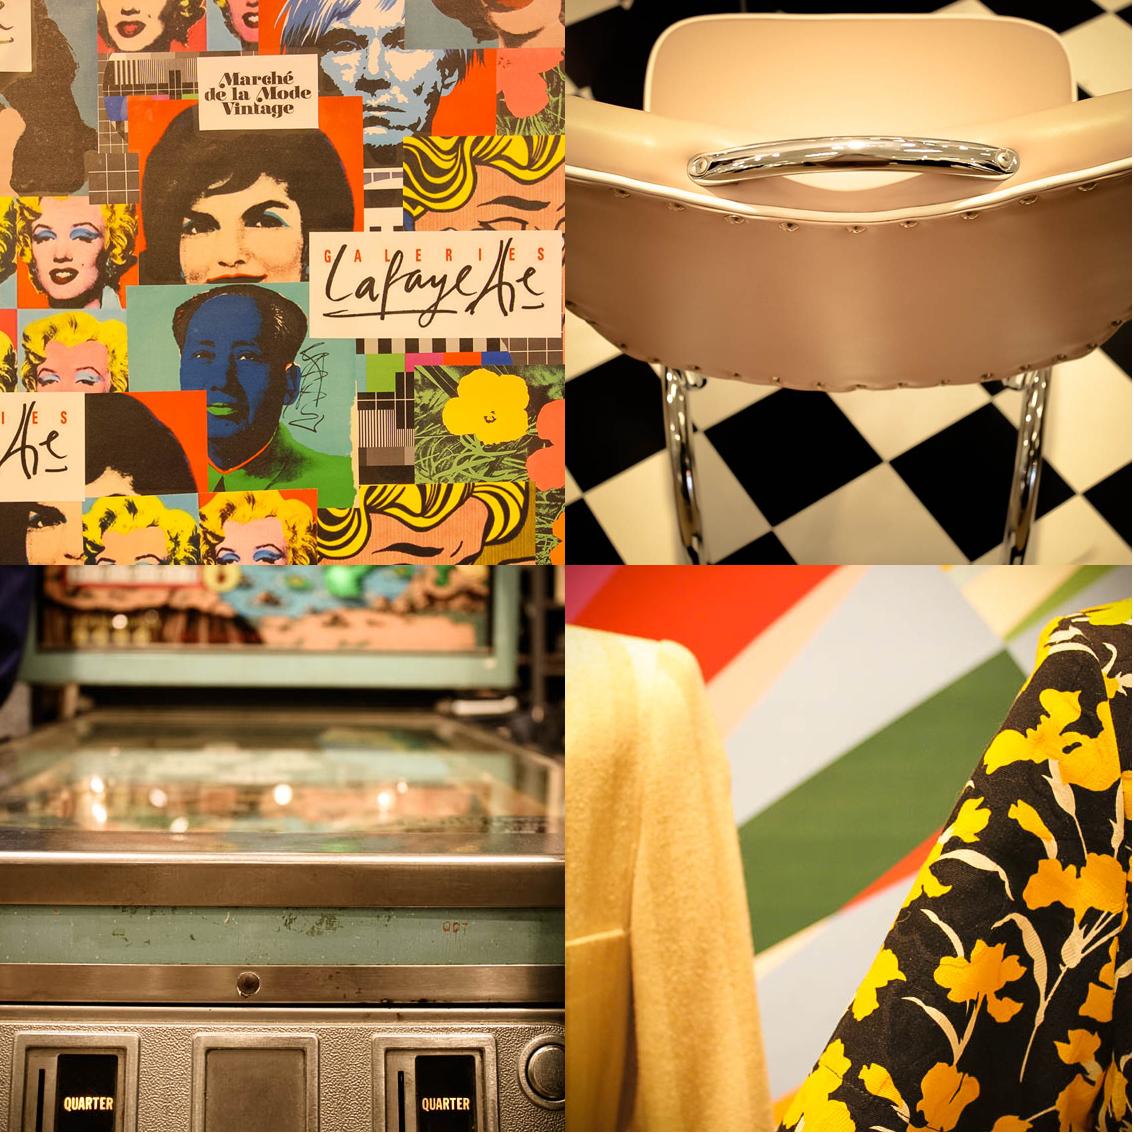 marché de ma mode vintage x galeries Lafayette